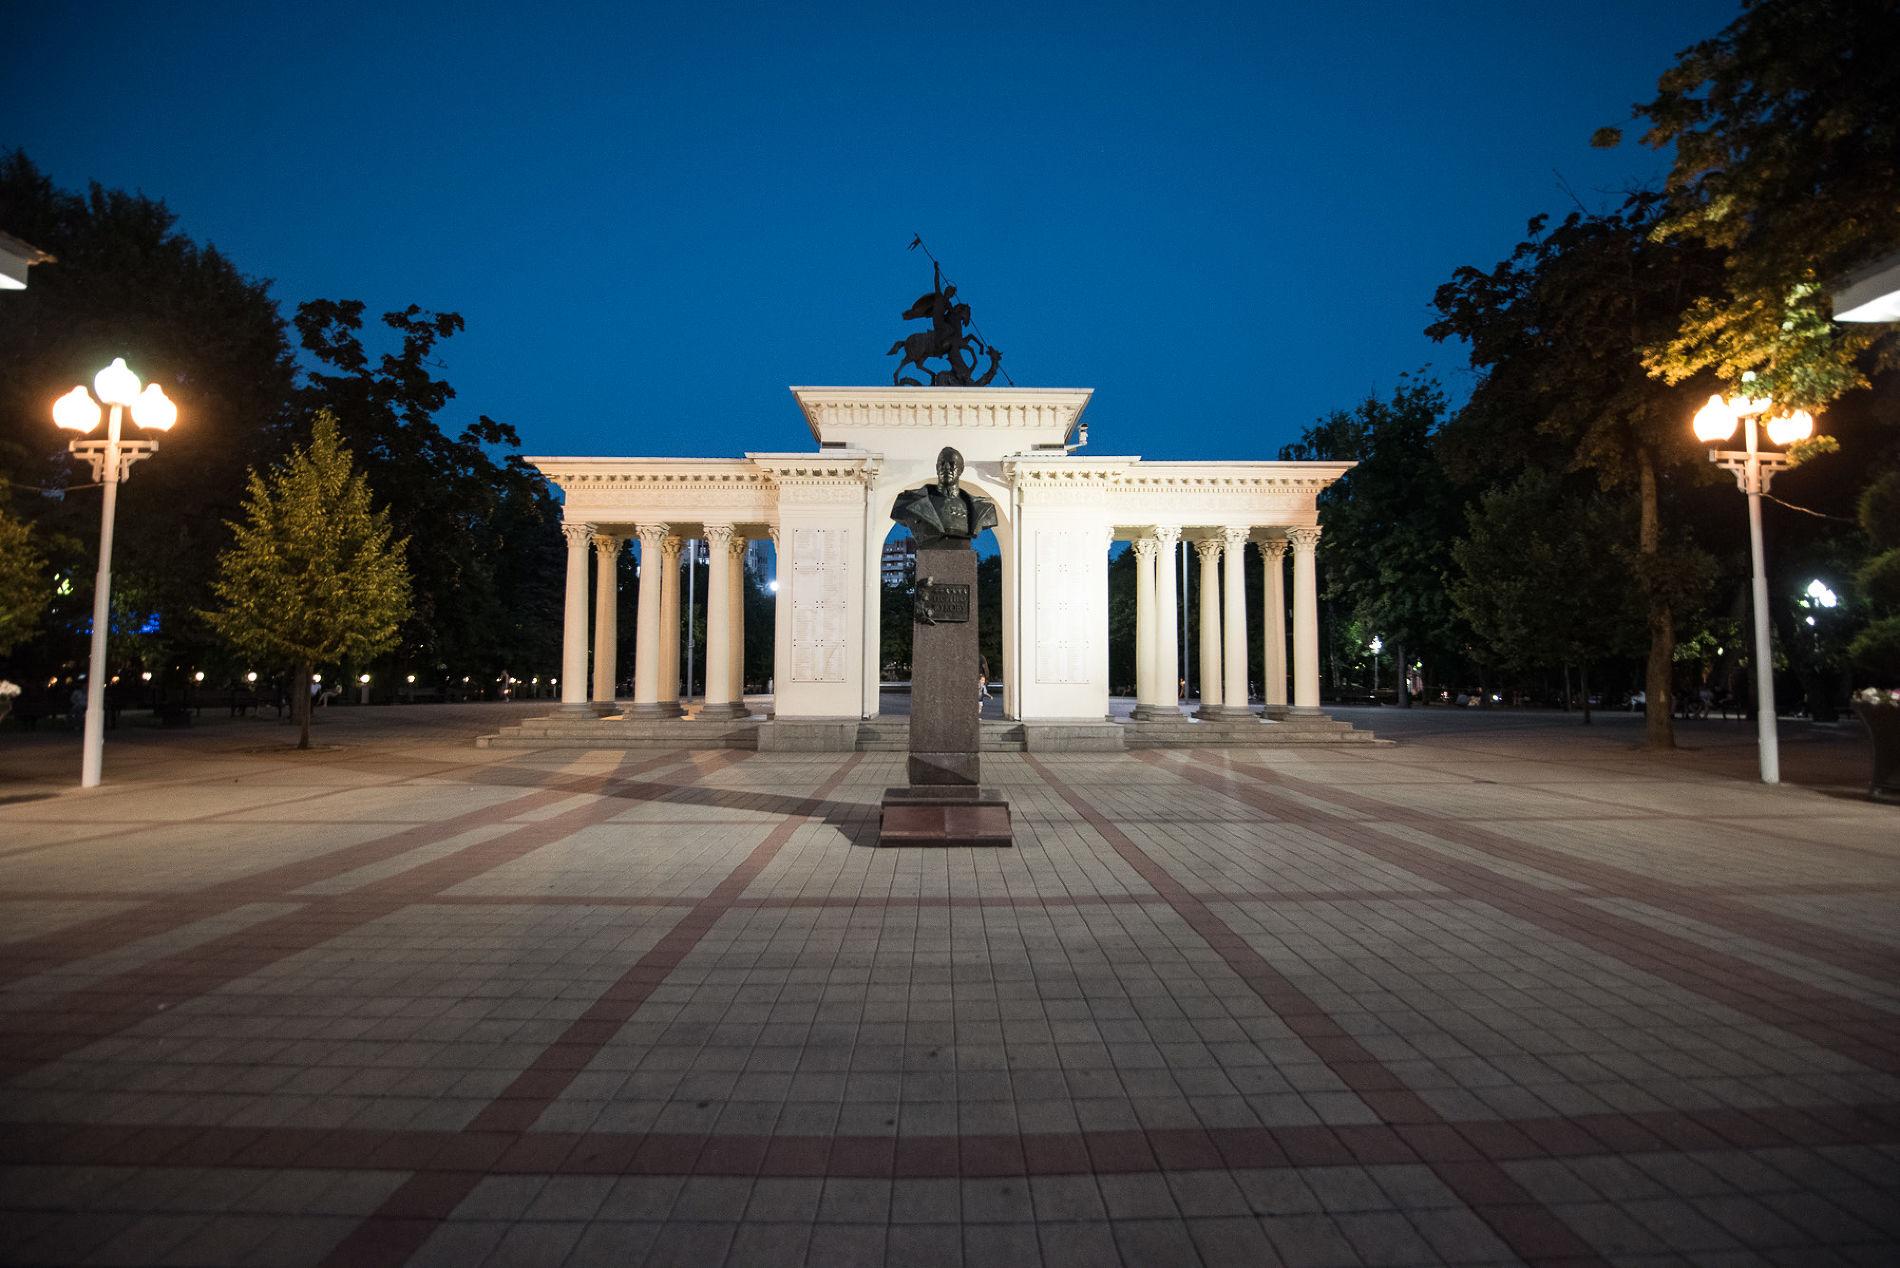 Сквер имени Жукова ©Фото Елены Синеок, Юга.ру